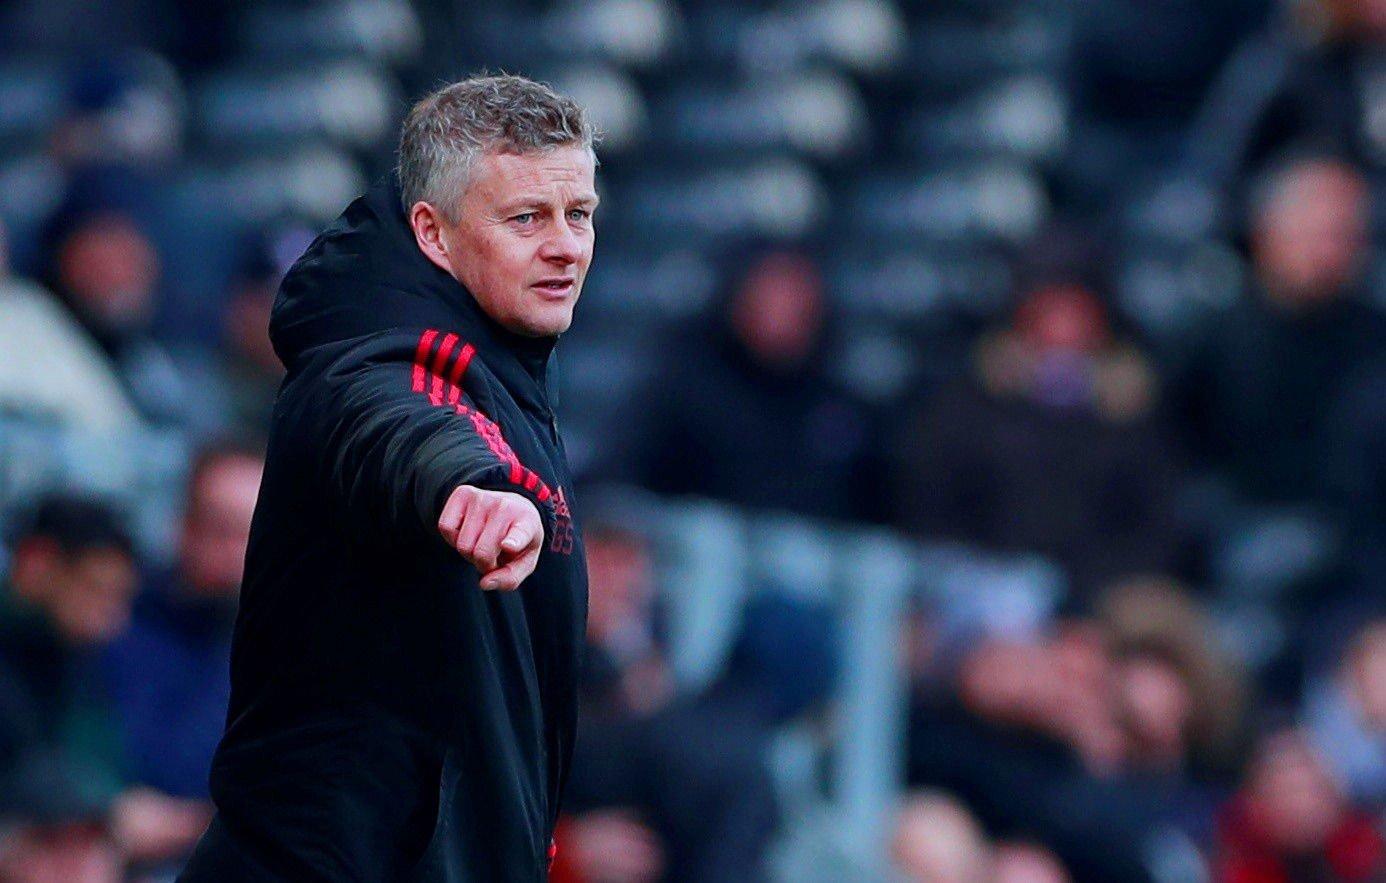 VELGER BORT: Manchester United framstår meget solid med Ole Gunnar Solskjær på sidelinja. Enkelte profilerte spillerne sliter samtidig med å komme seg så langt som til banemerkingen.